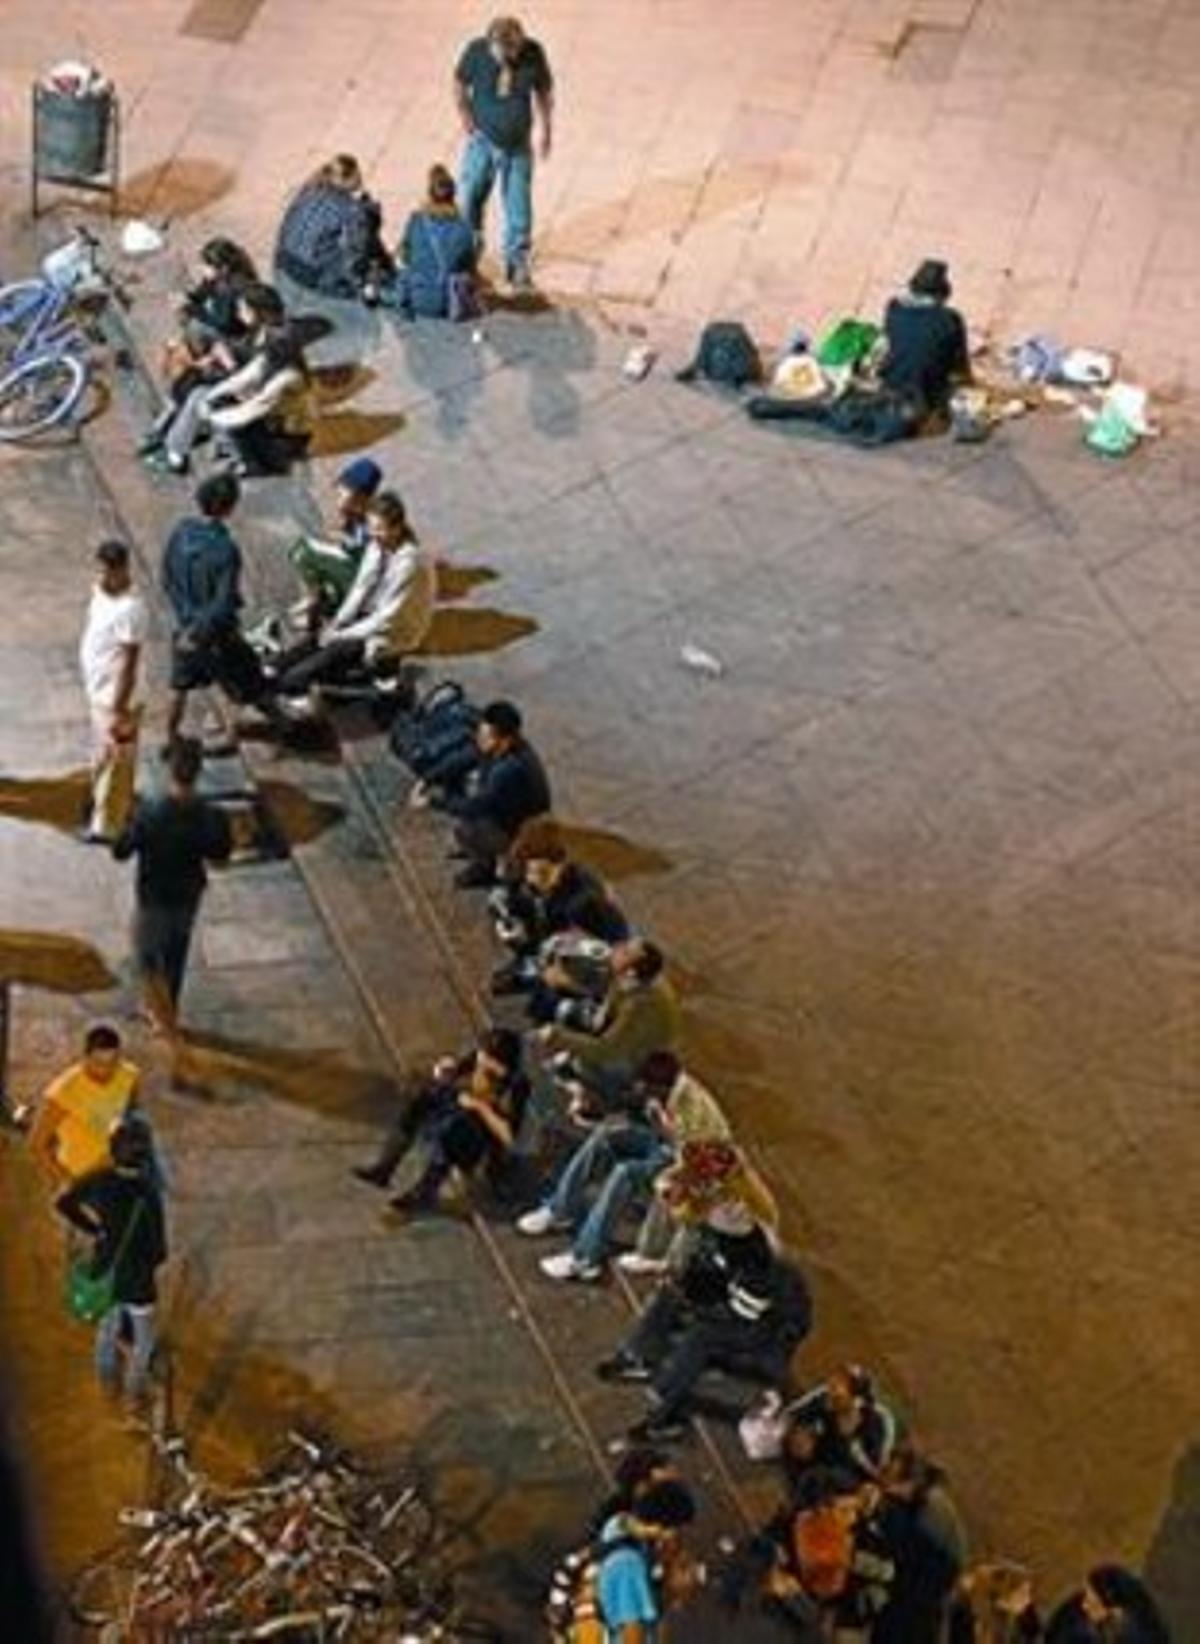 Un amplio grupo de personas bebe en la plaza de Orwell, el lunes.